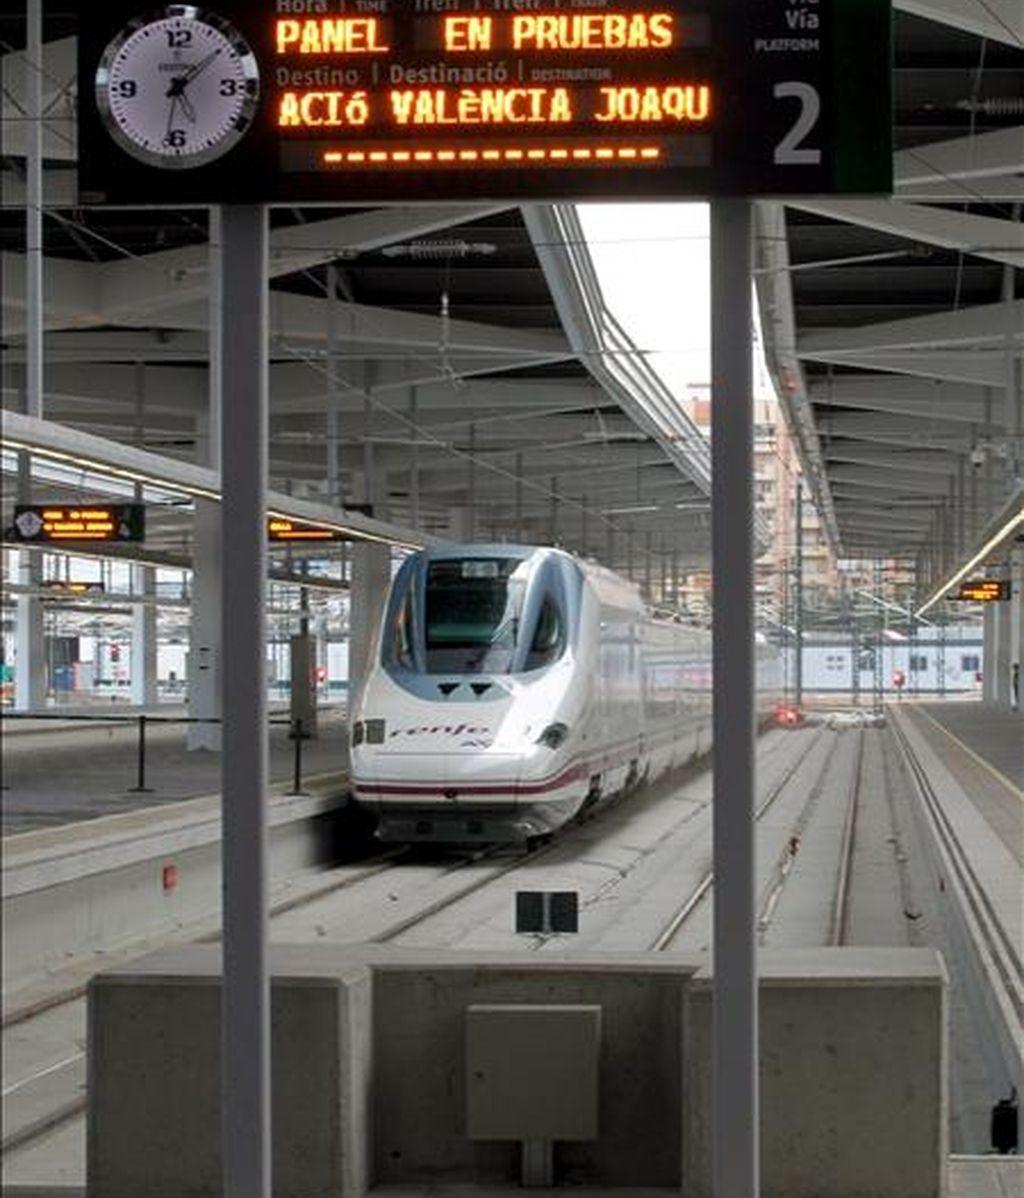 El AVE Madrid-Valencia hace su entrada en la estación de Valencia durante su primer viaje en pruebas, el pasado 13 de octubre. EFE/Archivo